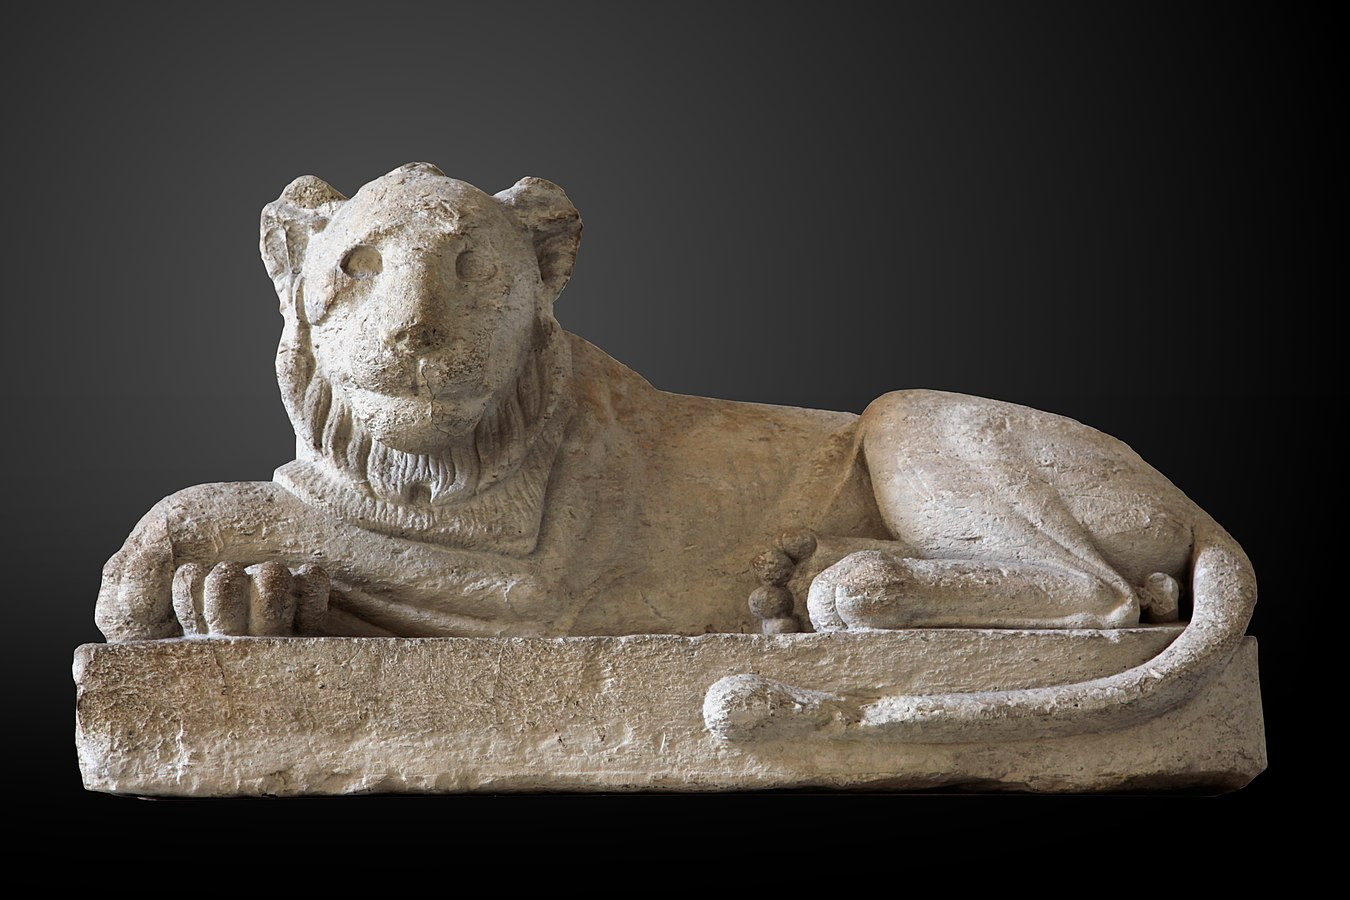 Guardian lion-N 432 C